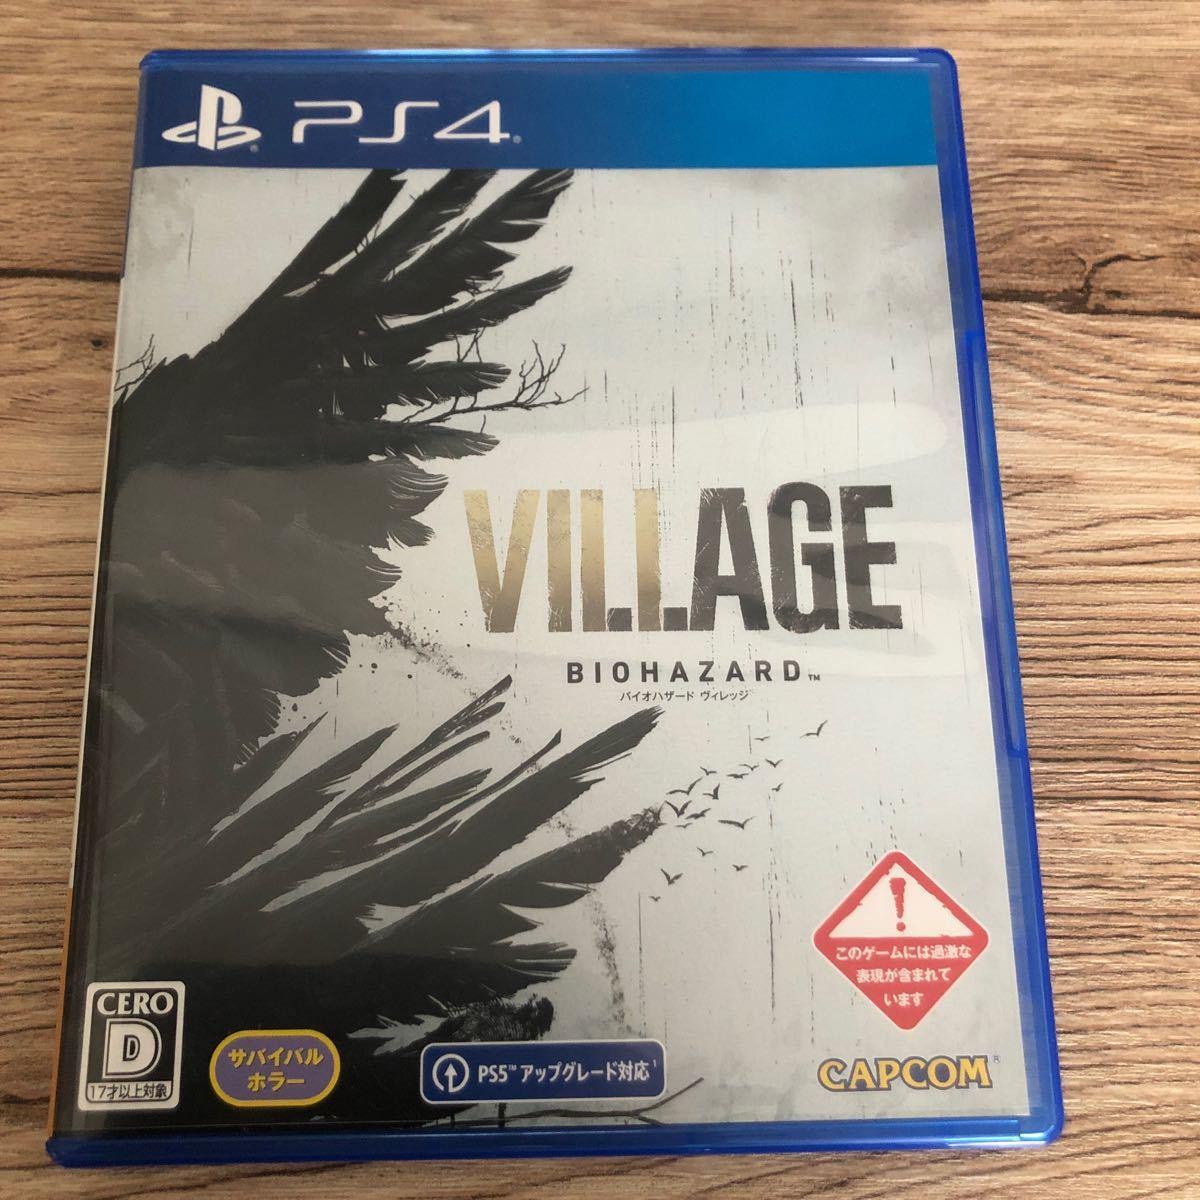 【PS4】 BIOHAZARD VILLAGE [通常版]